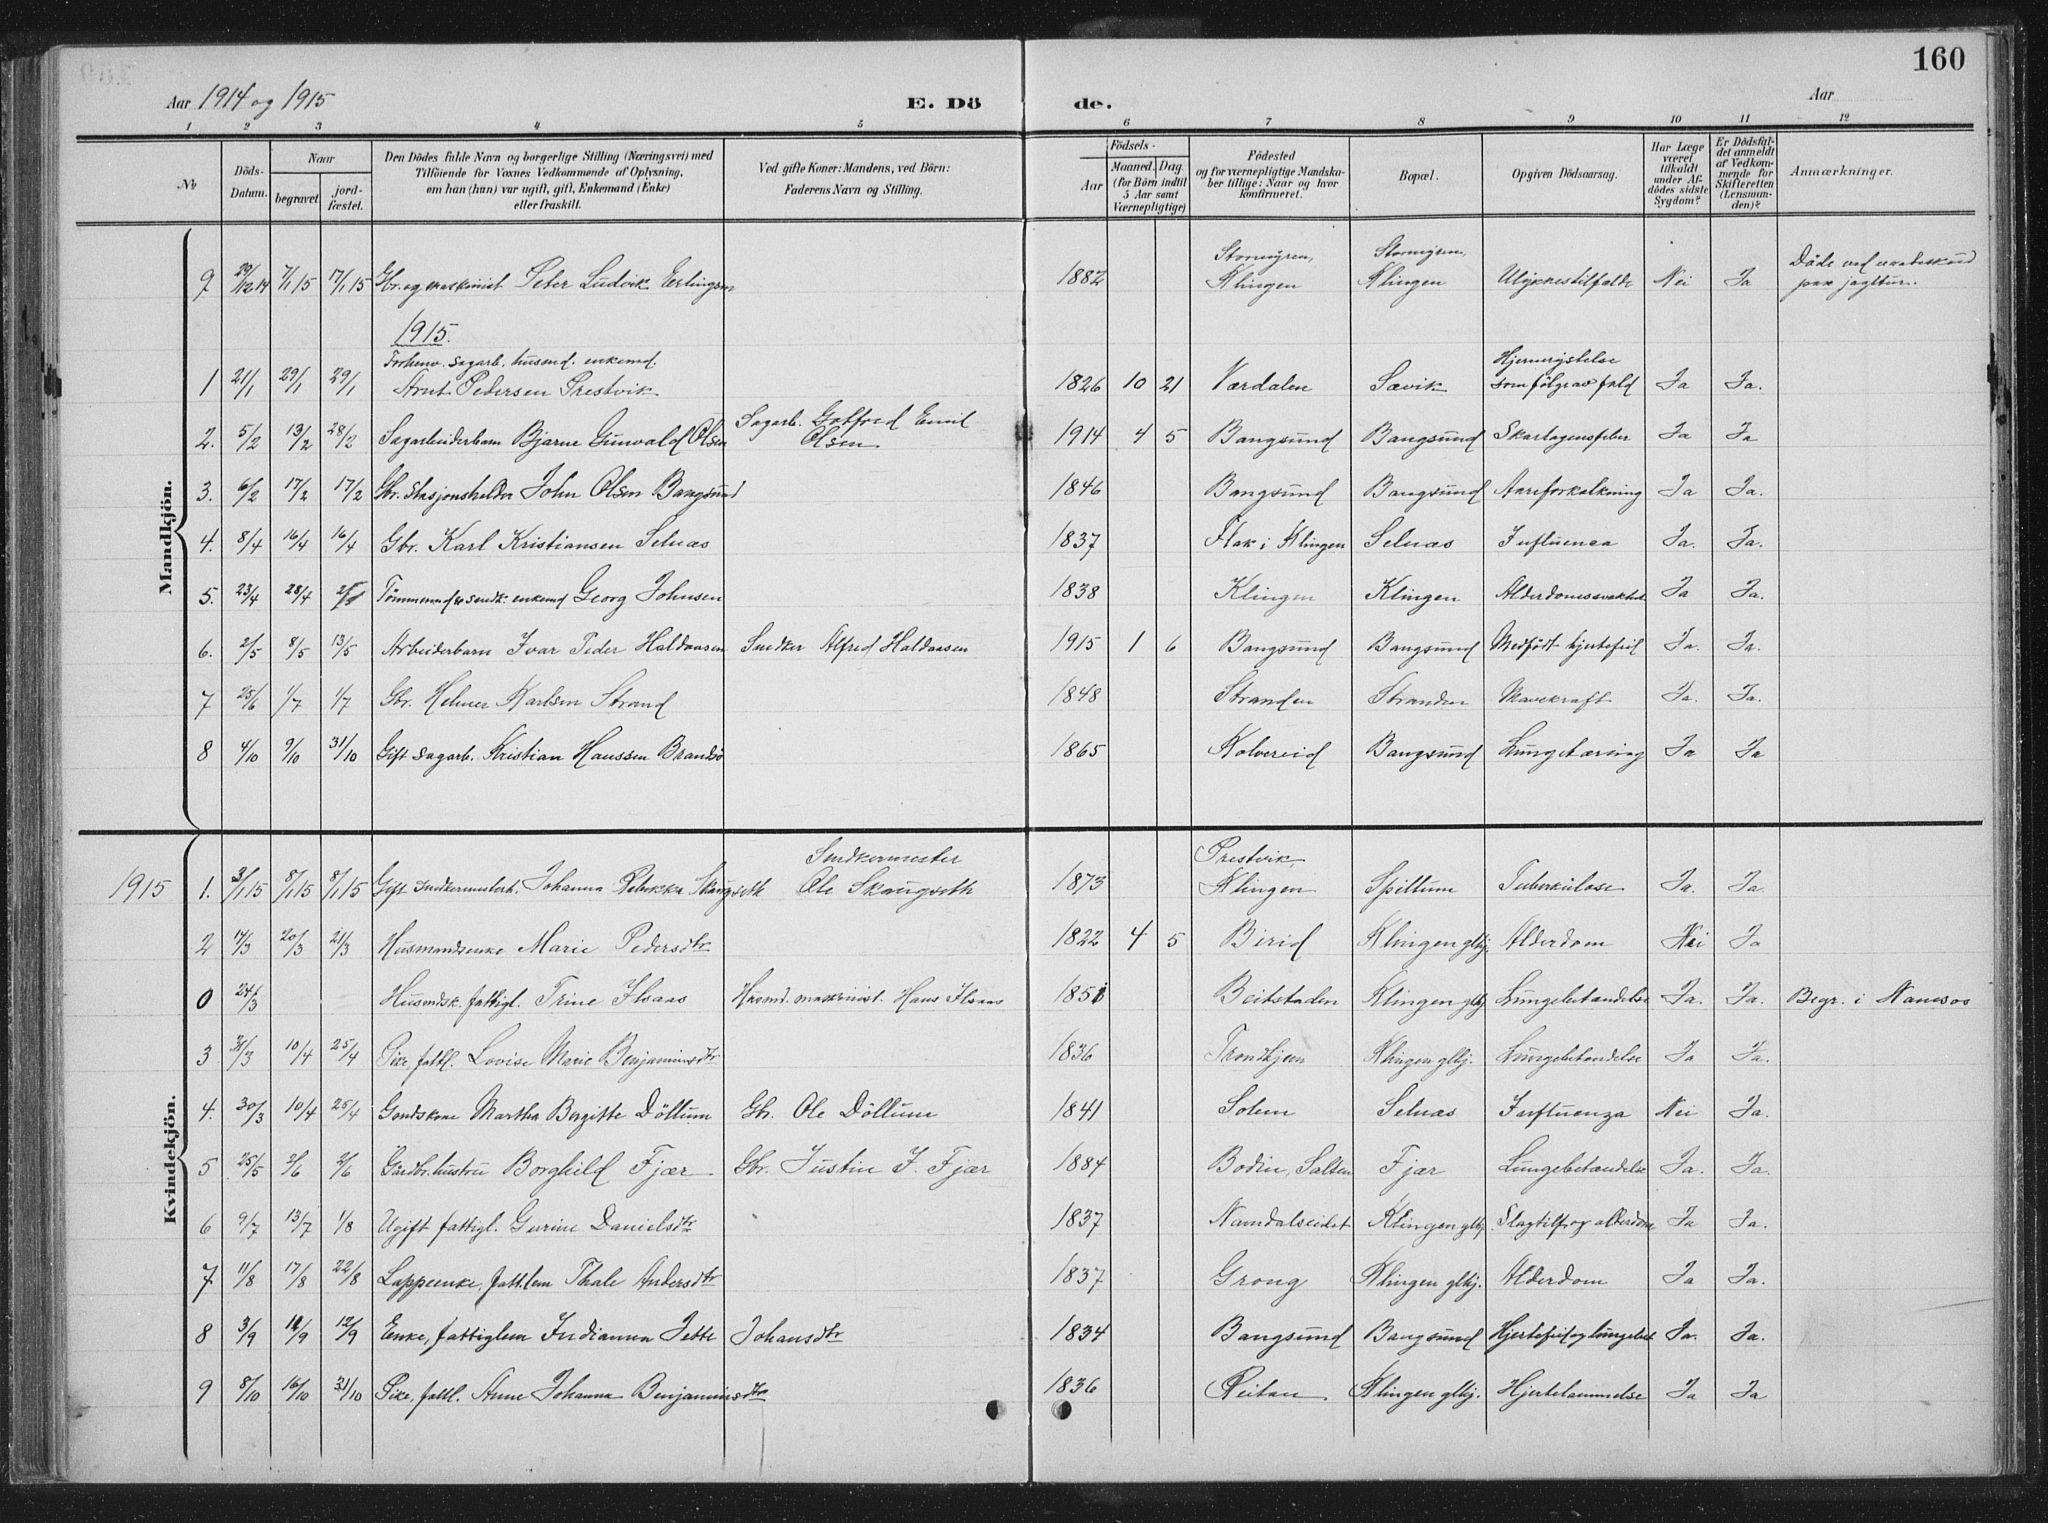 SAT, Ministerialprotokoller, klokkerbøker og fødselsregistre - Nord-Trøndelag, 770/L0591: Klokkerbok nr. 770C02, 1902-1940, s. 160